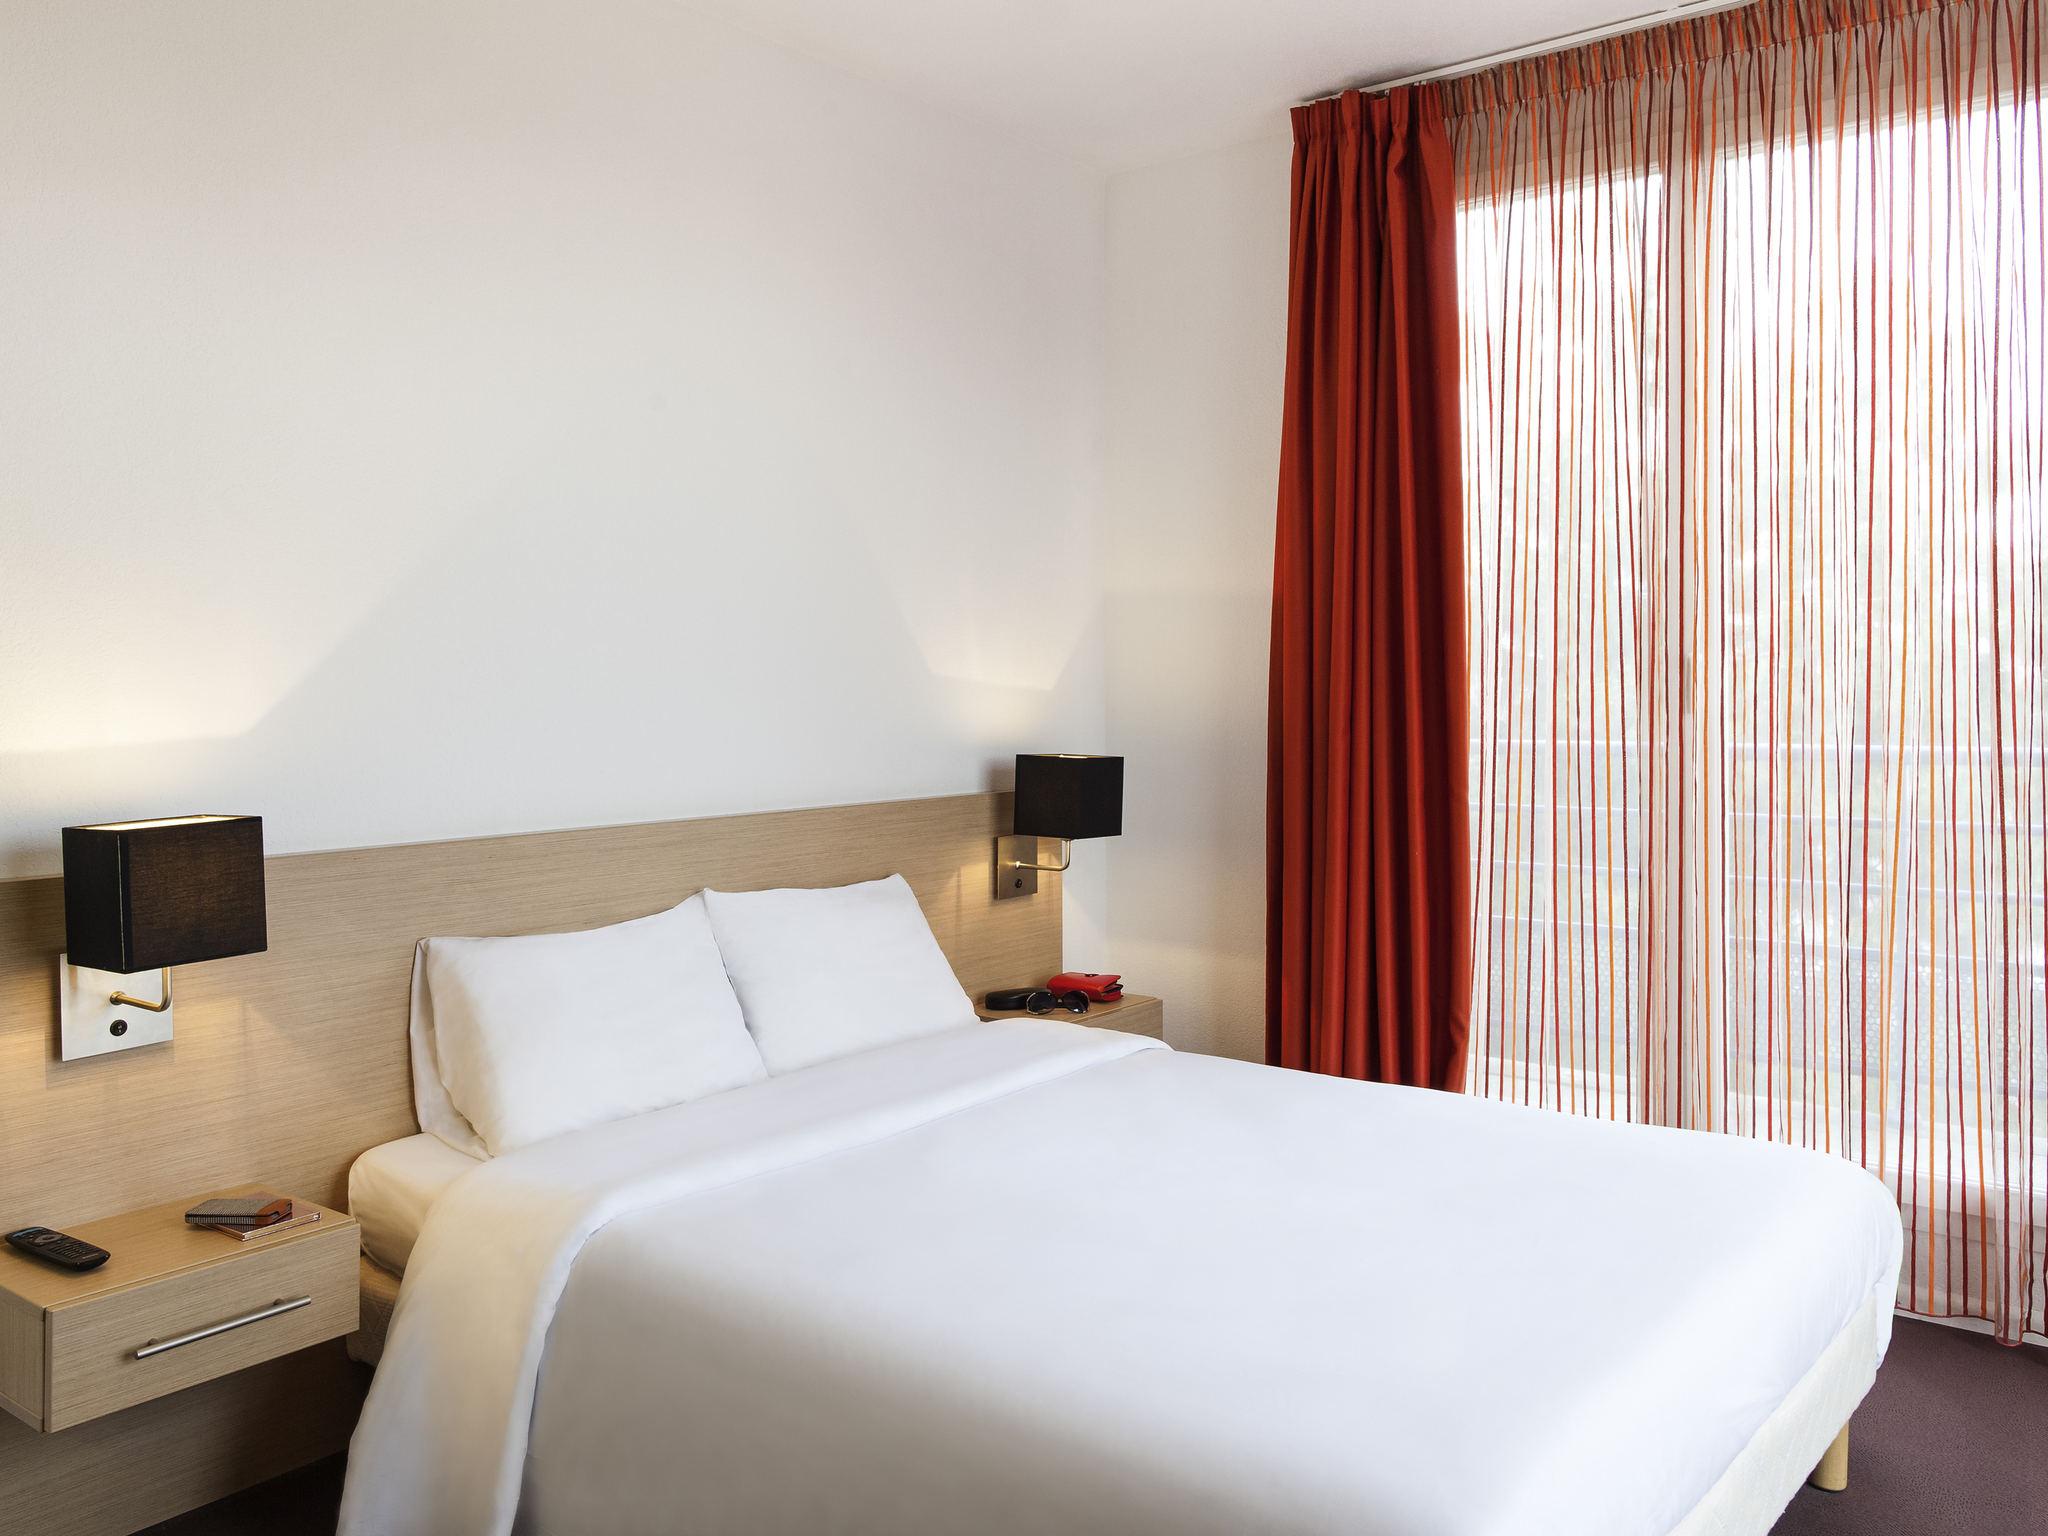 호텔 – Aparthotel Adagio access Saint-Louis Bâle